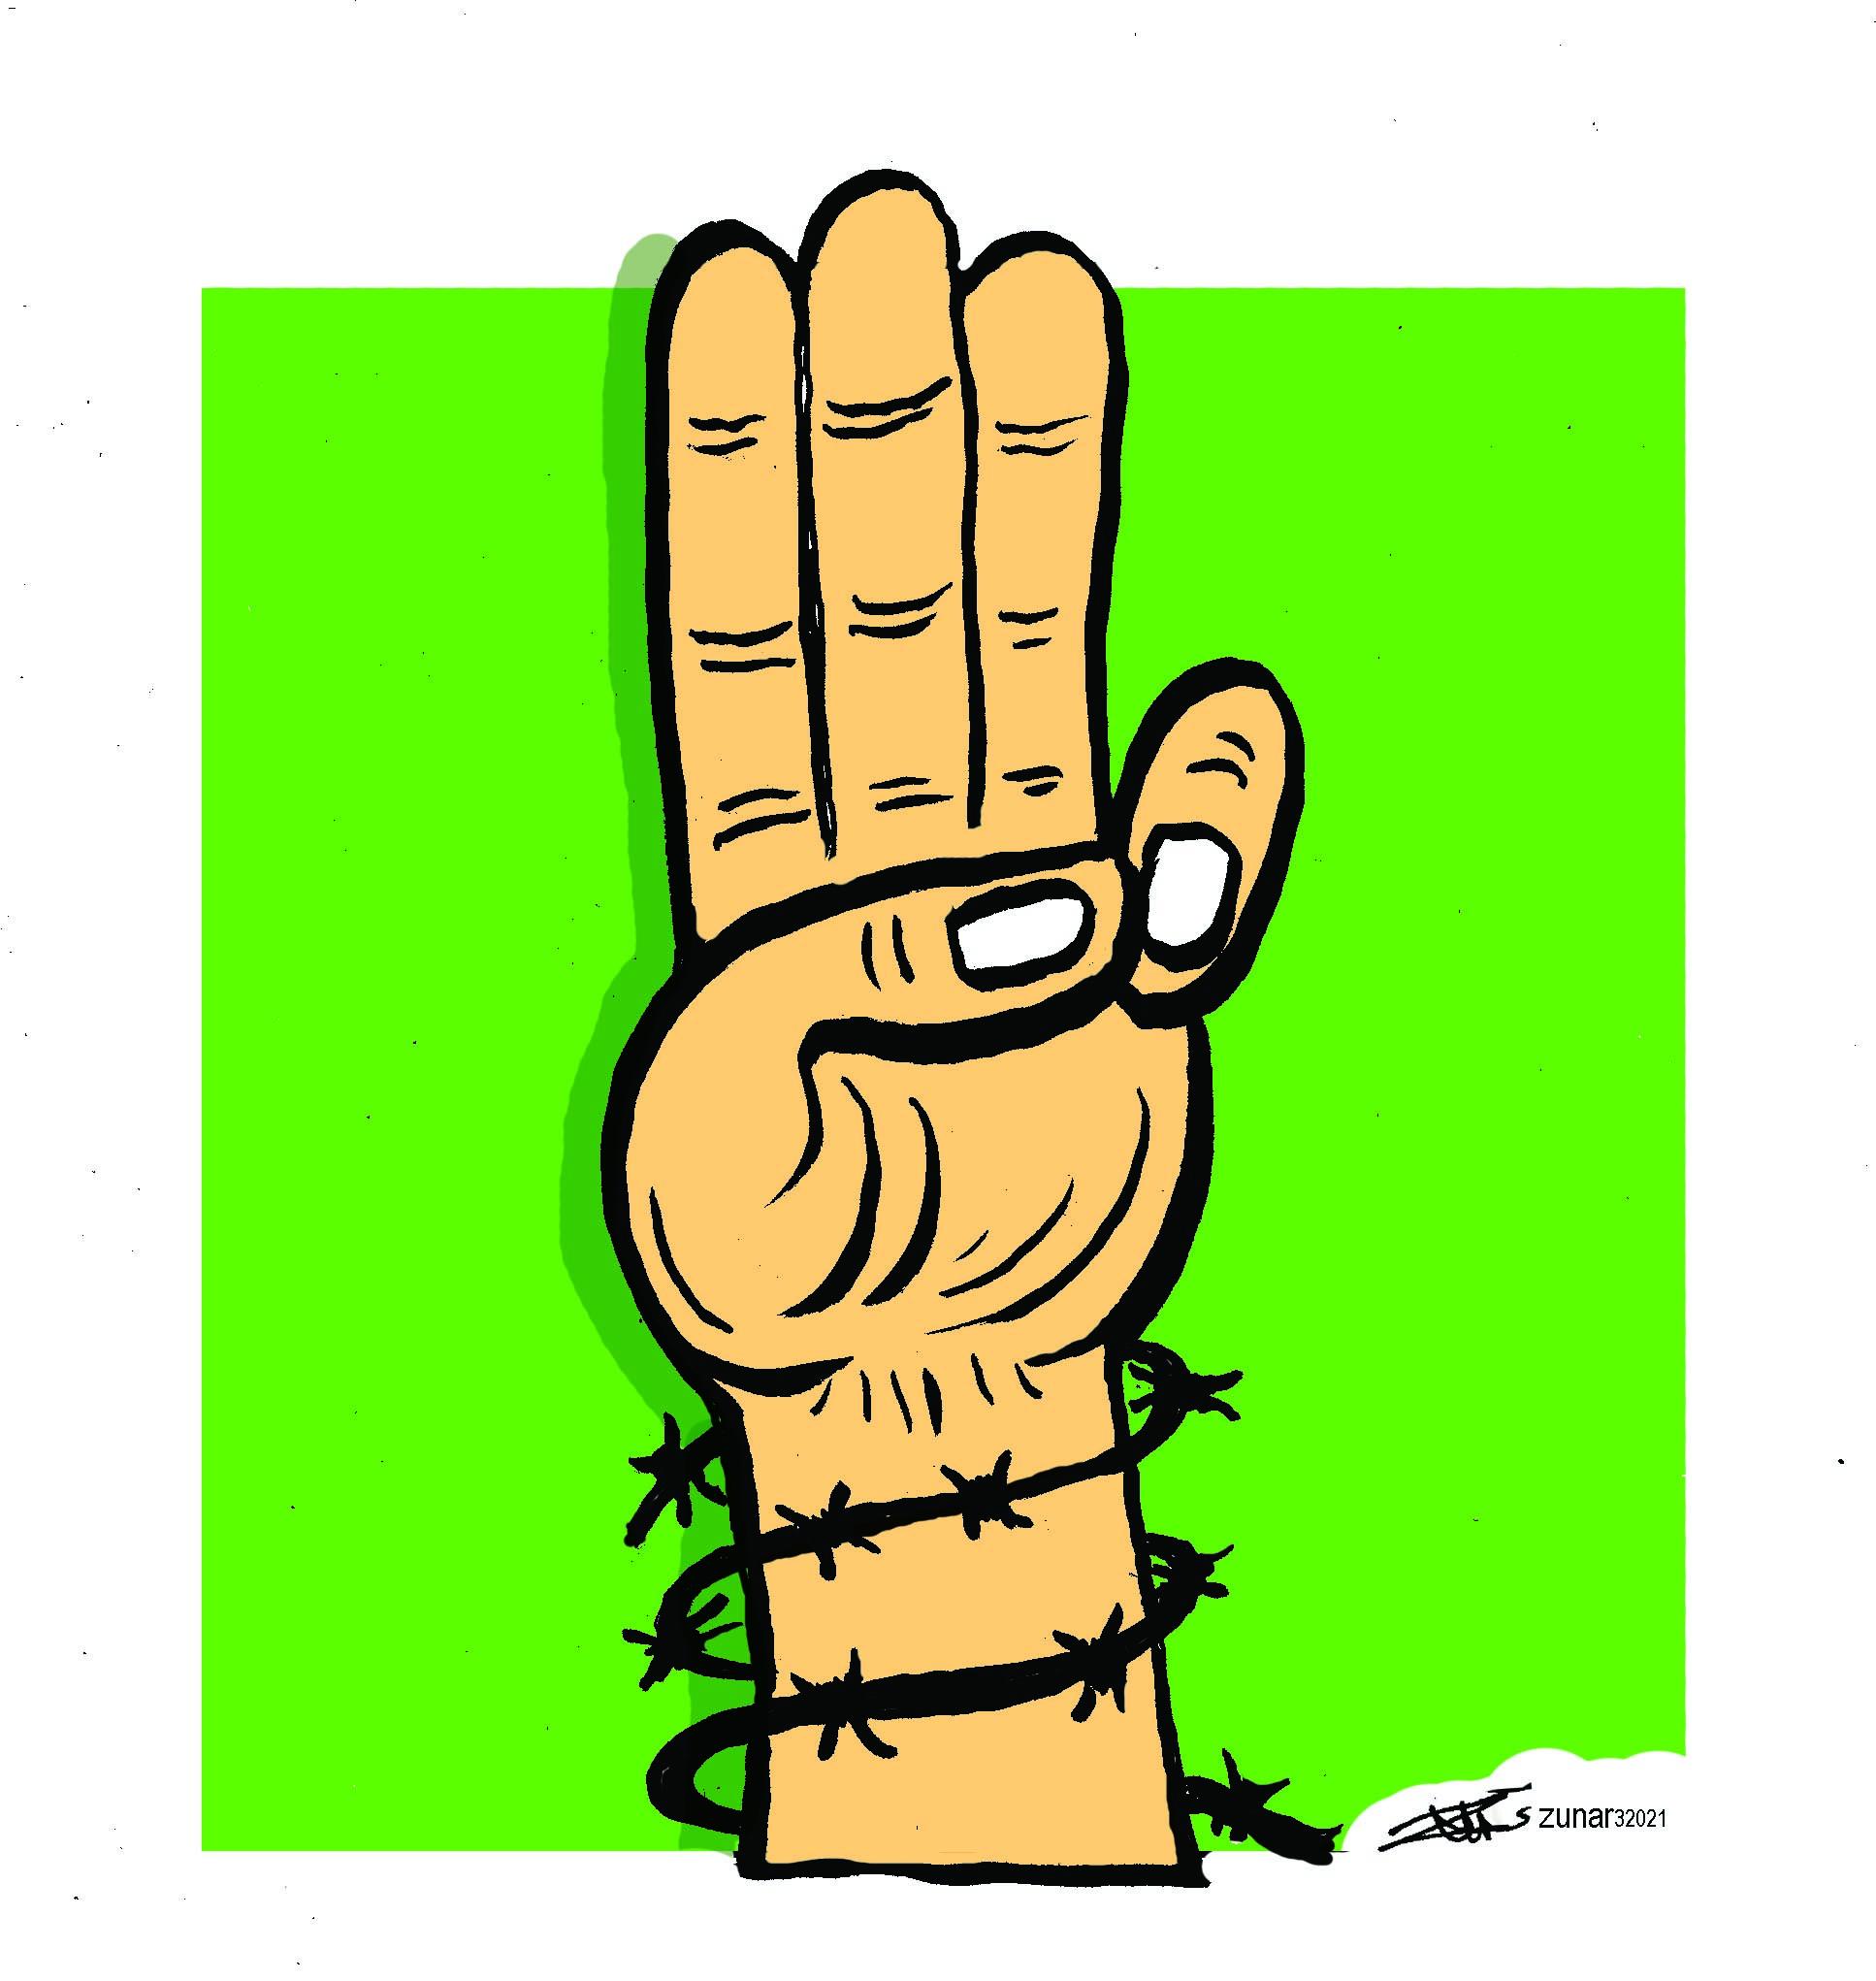 by Zunar